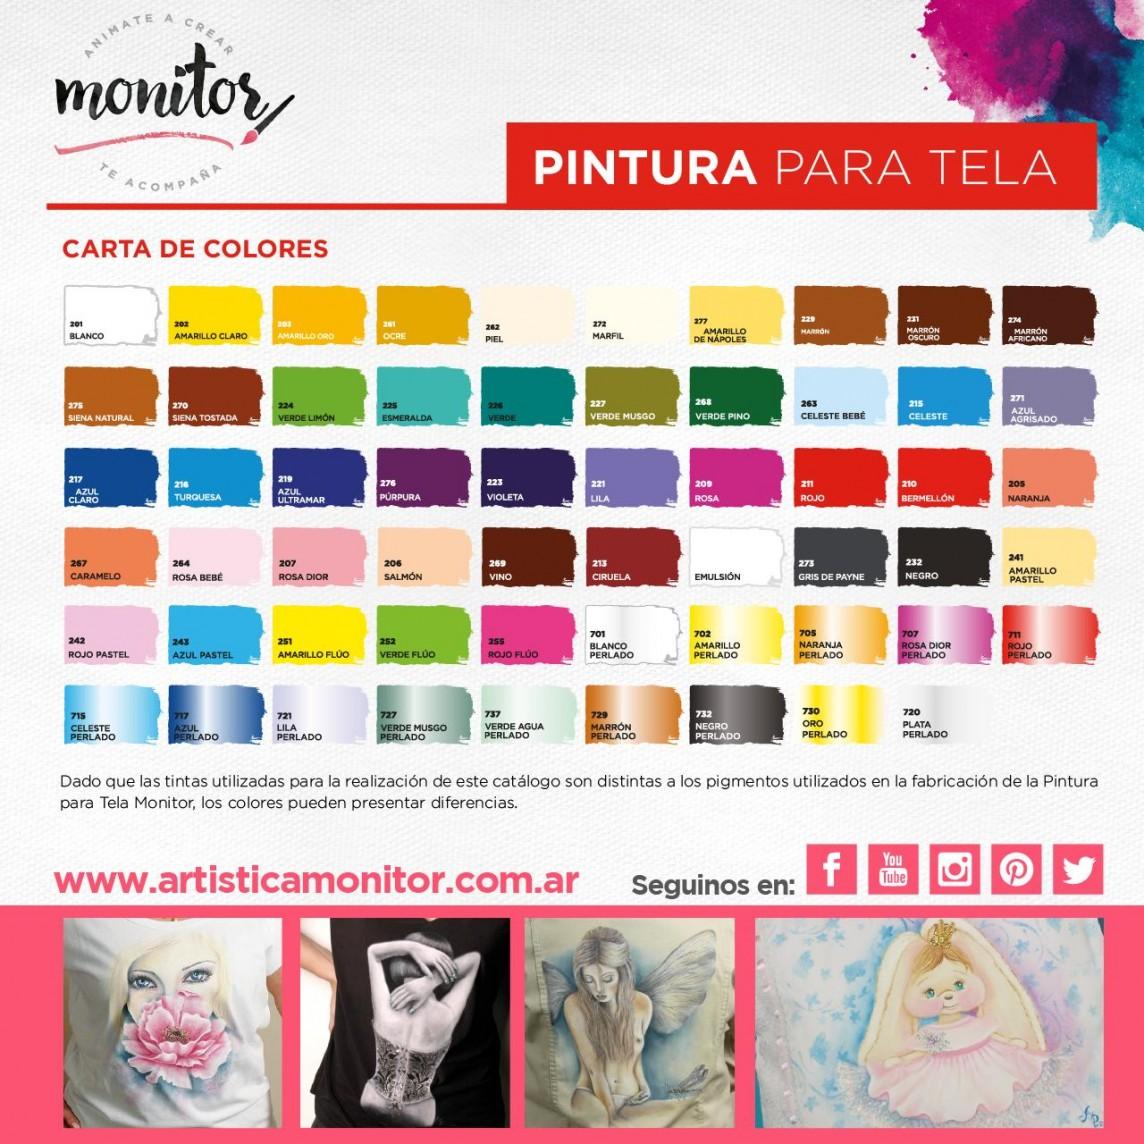 Ver colores de pinturas elegant ver paleta with ver - Ver colores de pintura ...